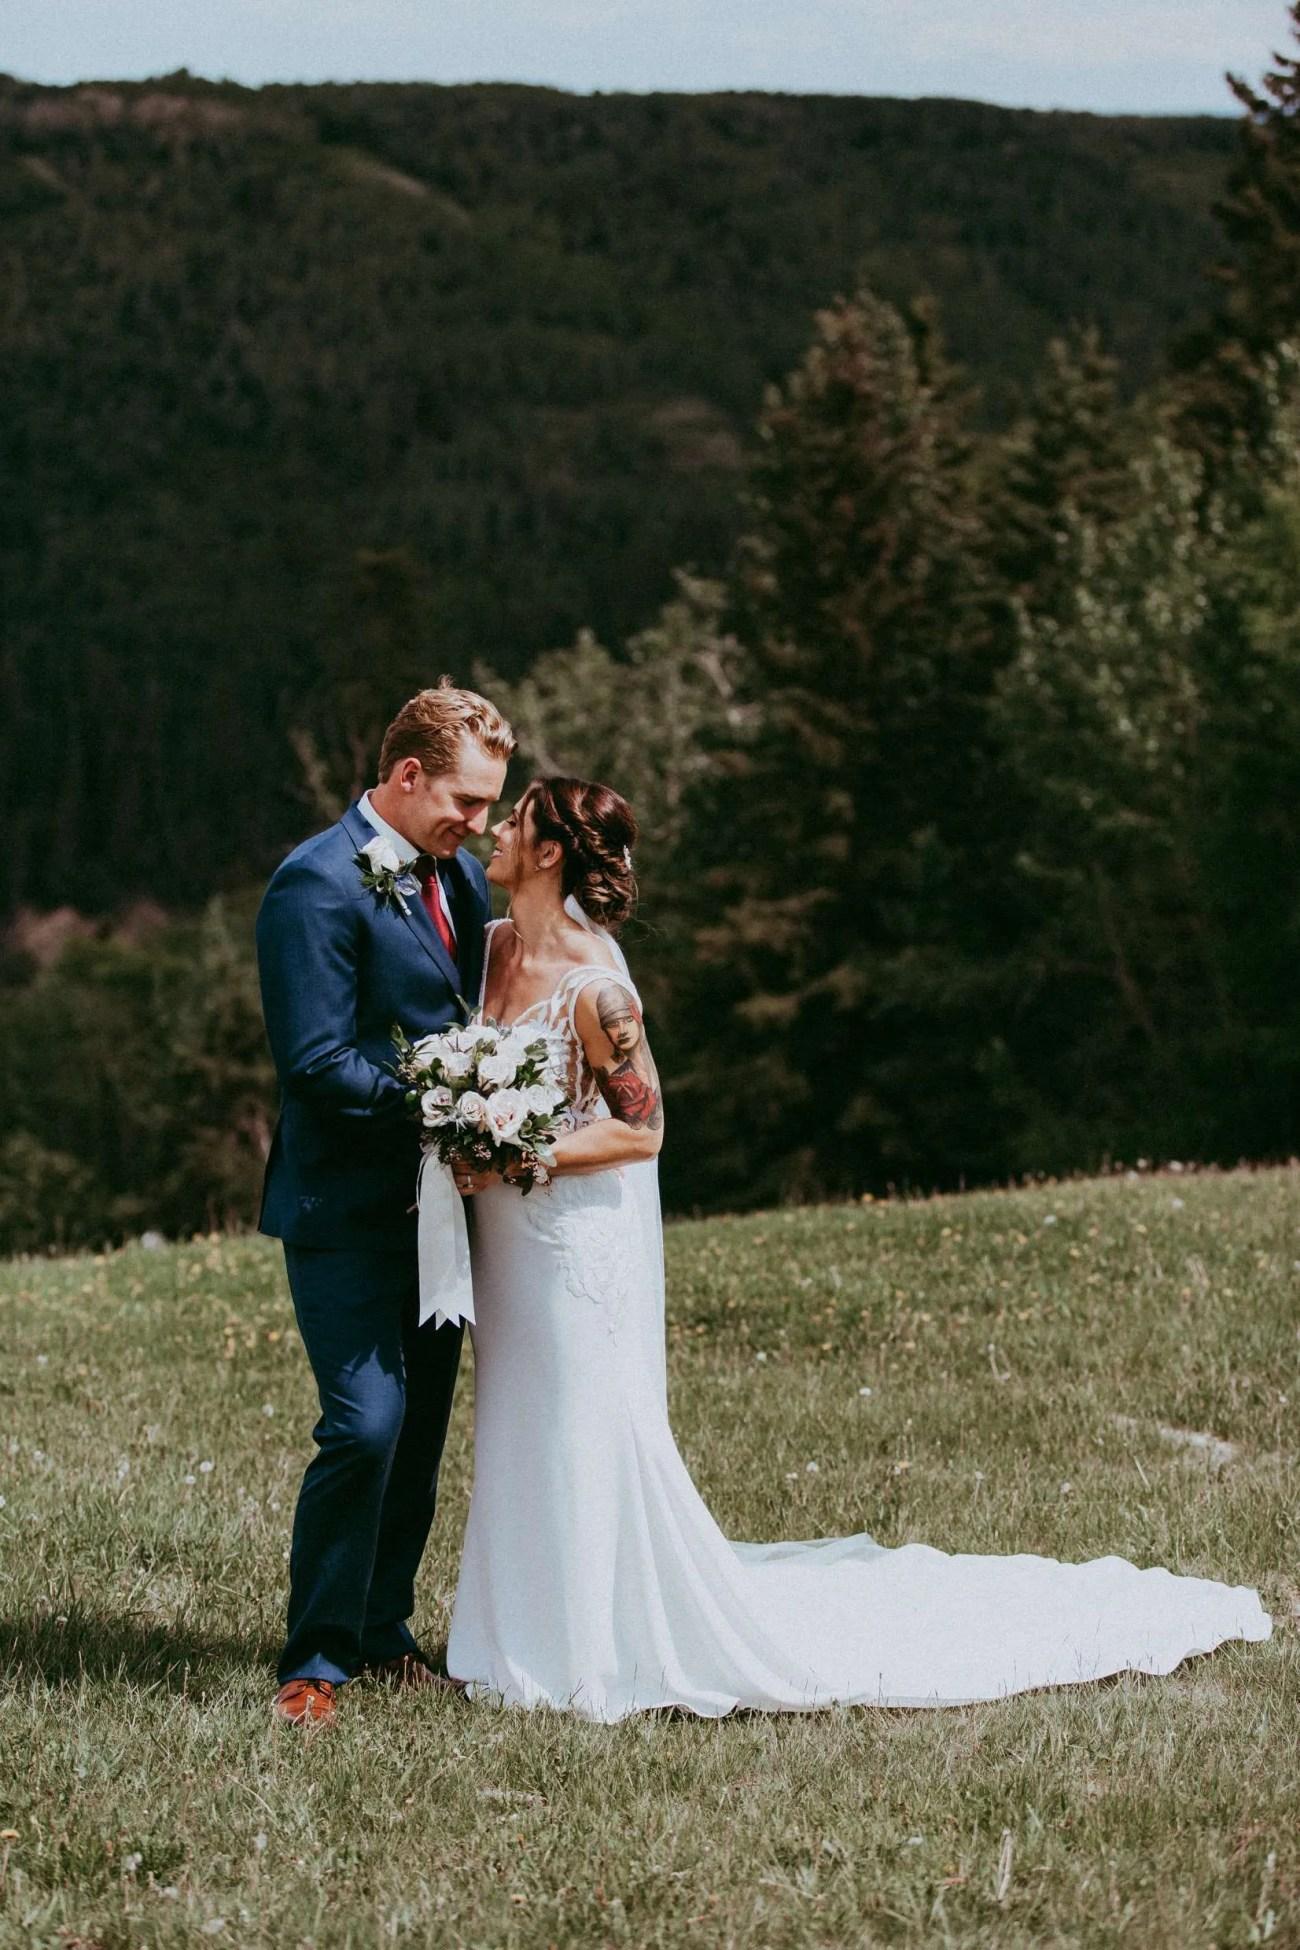 calgary wedding photographers,calgary wedding venues,canyon ski hill,canyon ski resort,canyon ski resort wedding,canyon ski wedding,red deer wedding photographers,red deer wedding venues,